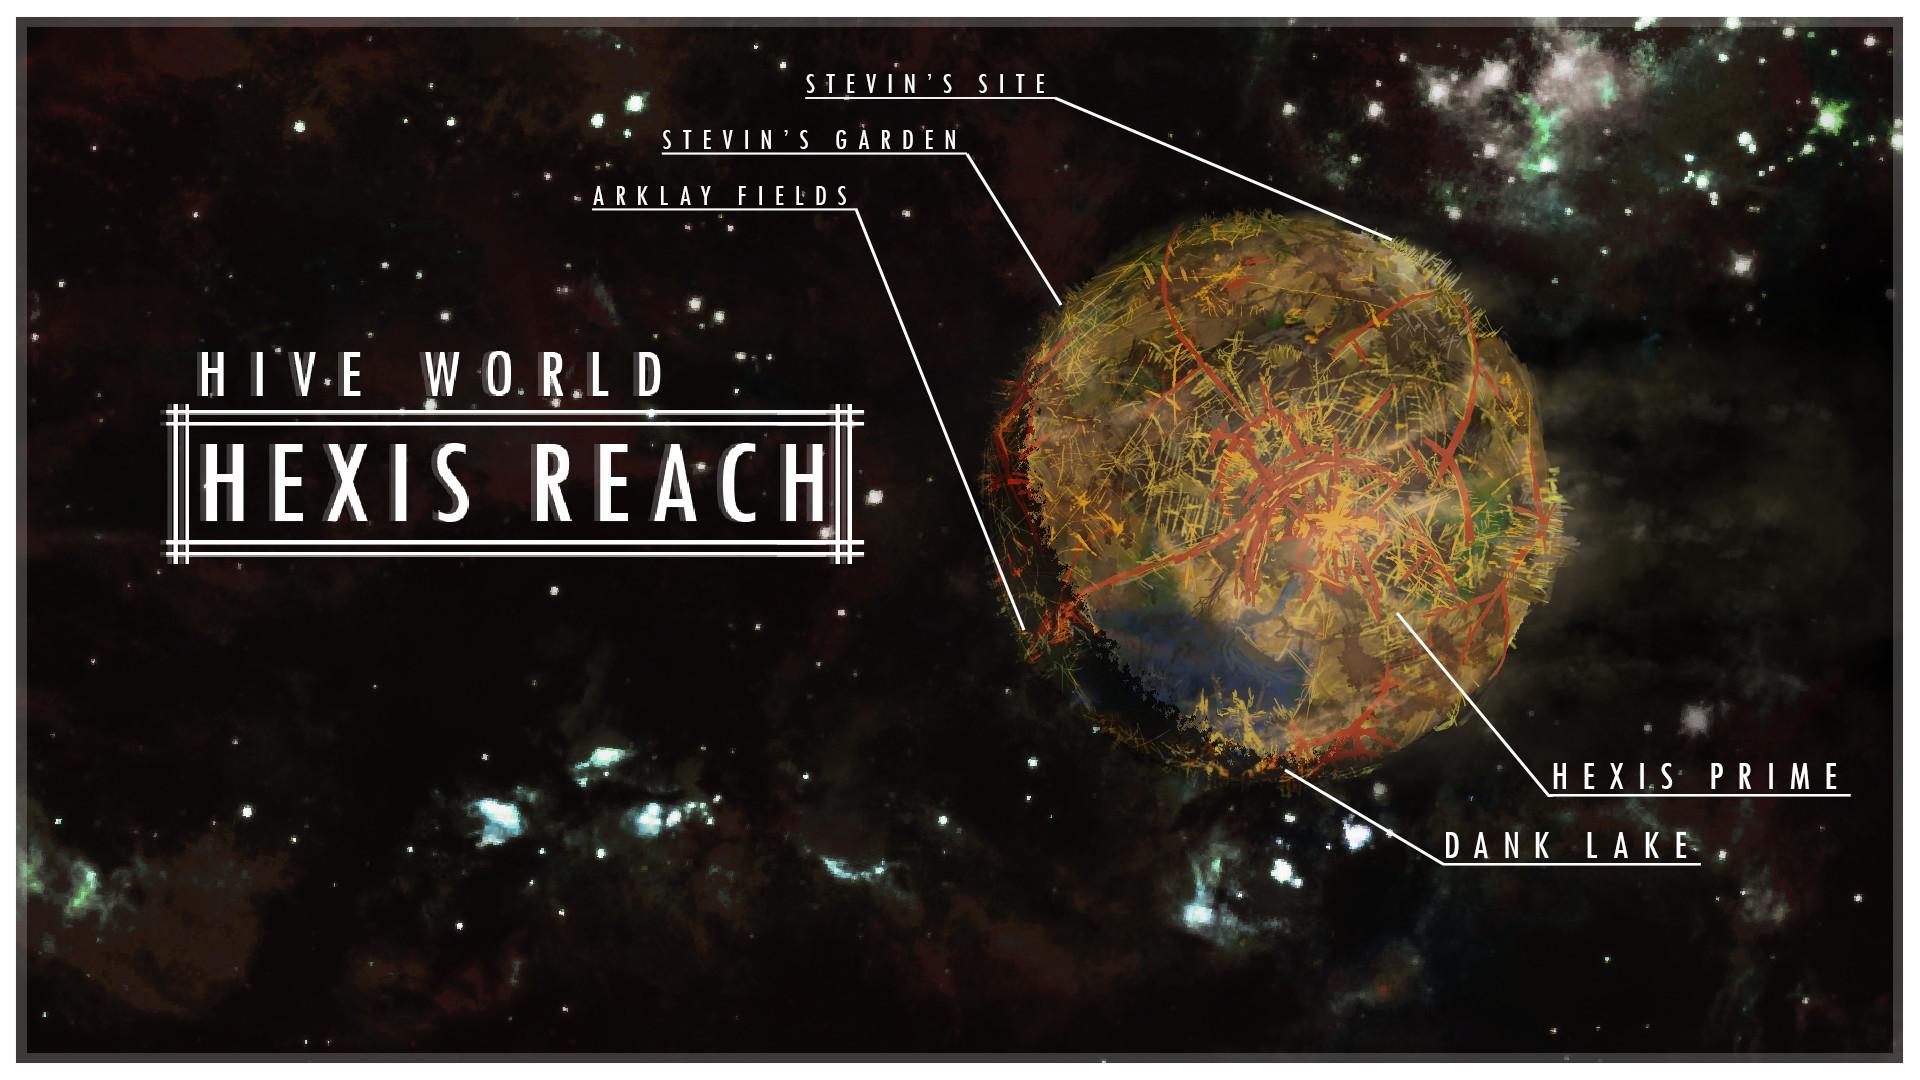 Alexander laheij planet002 hexis reach 04